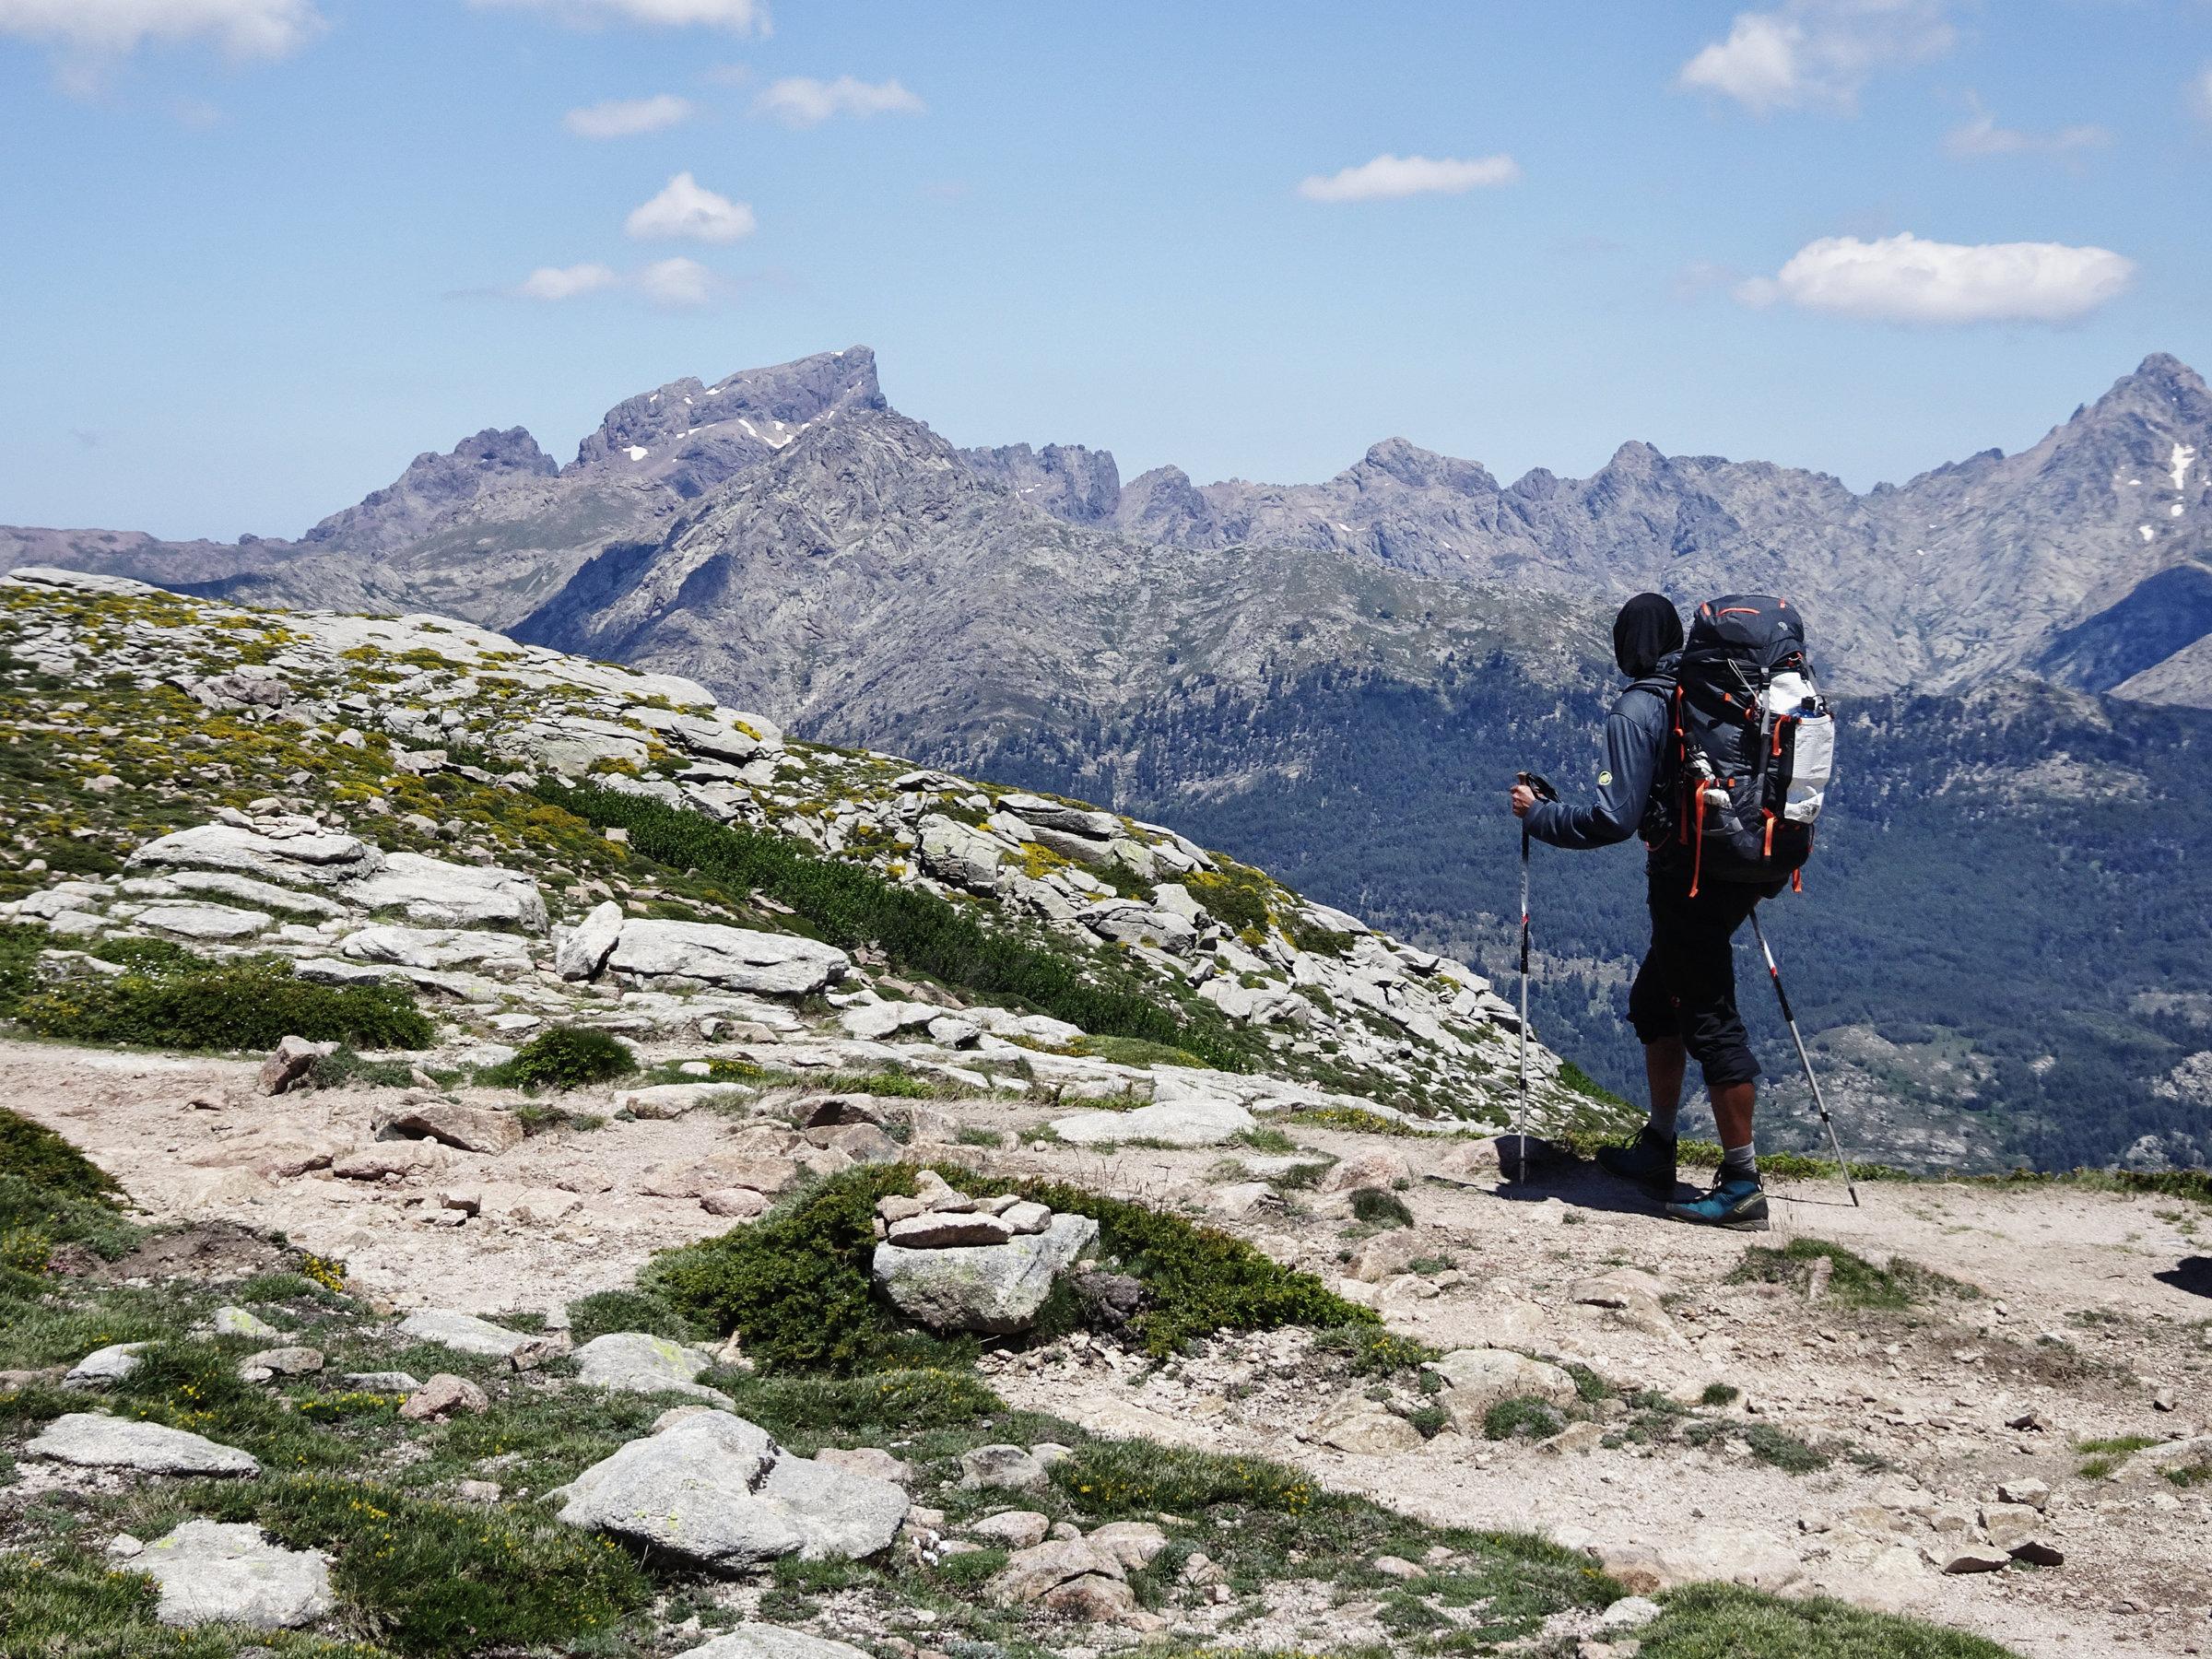 Immer im Blick: Die Paglia Orba, Königin der korsichen Berge, Korsika, GR20 Weitwanderweg, Wandern, Berge, Frankreich